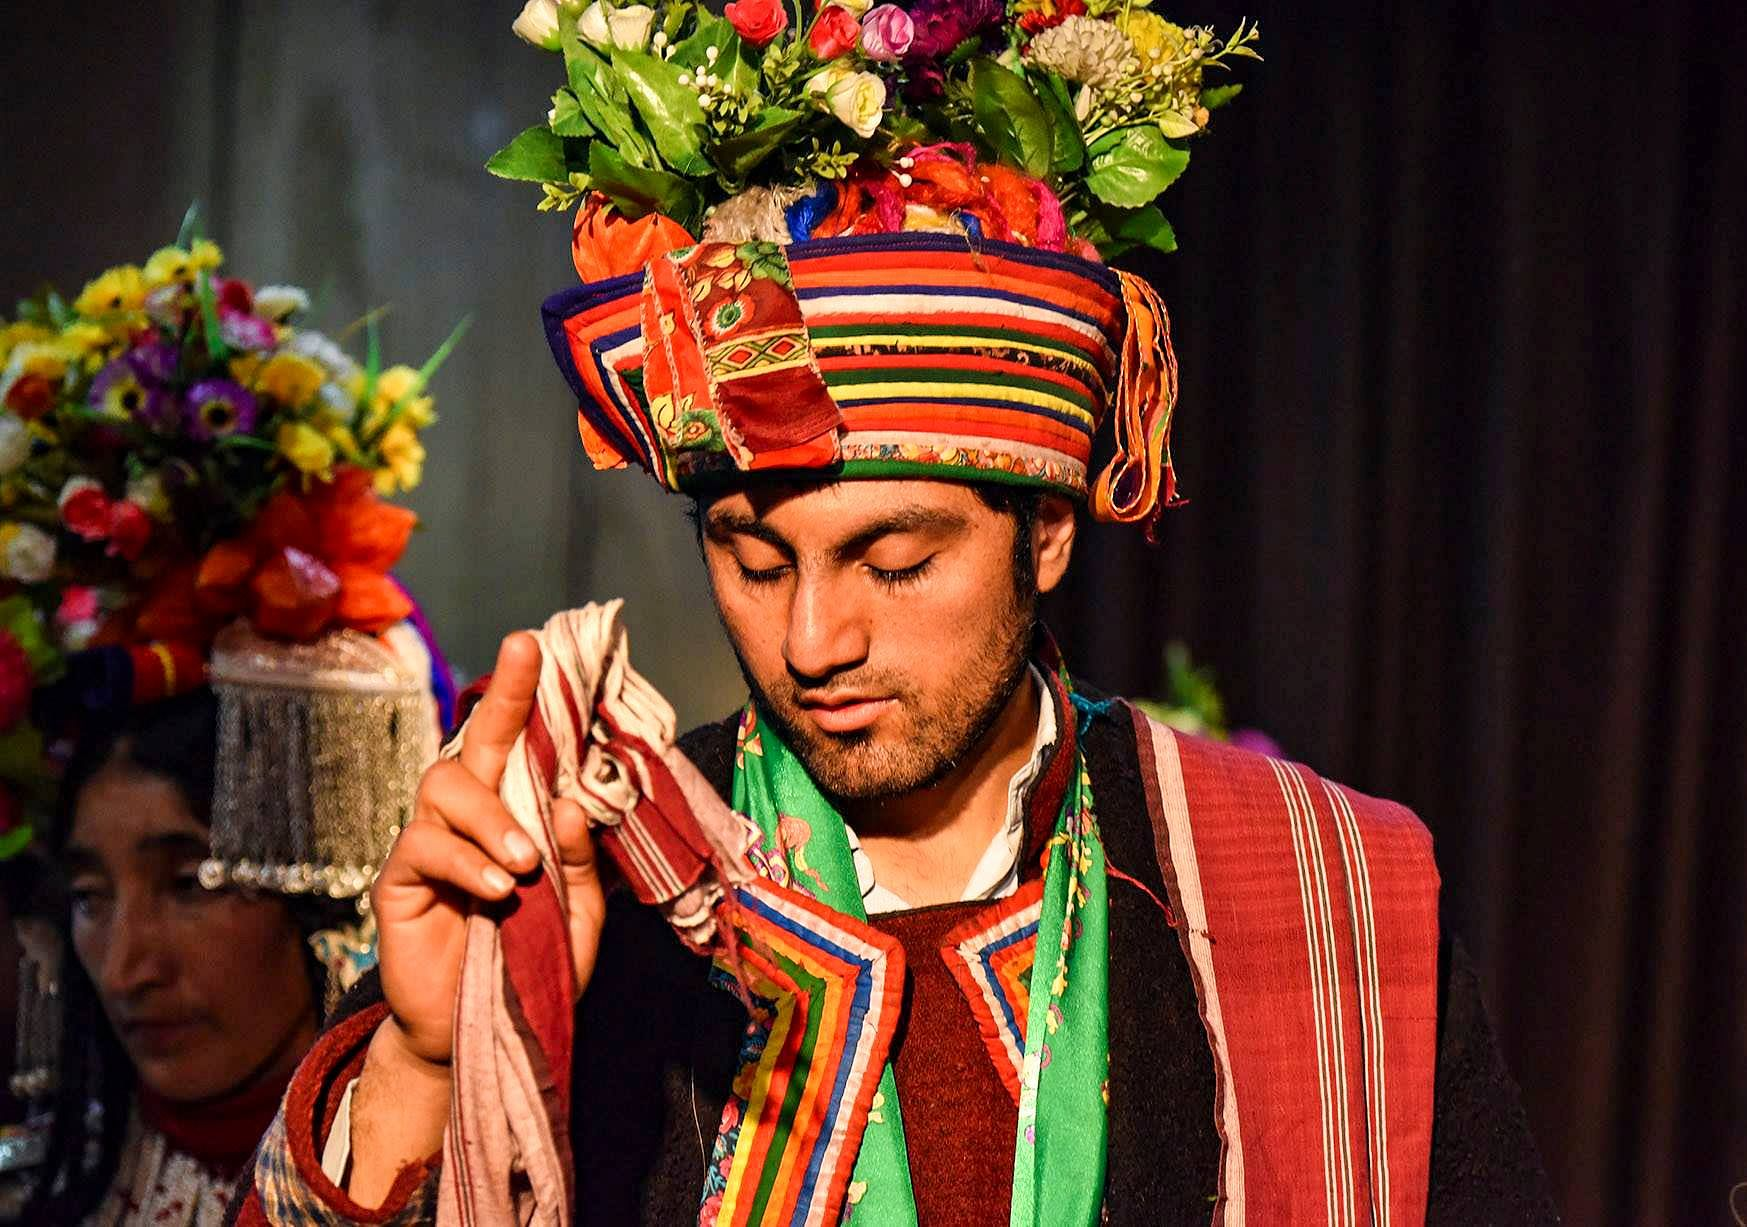 Brokpa man in traditional gear. (Source: Facebook/Ranjan Engticode)